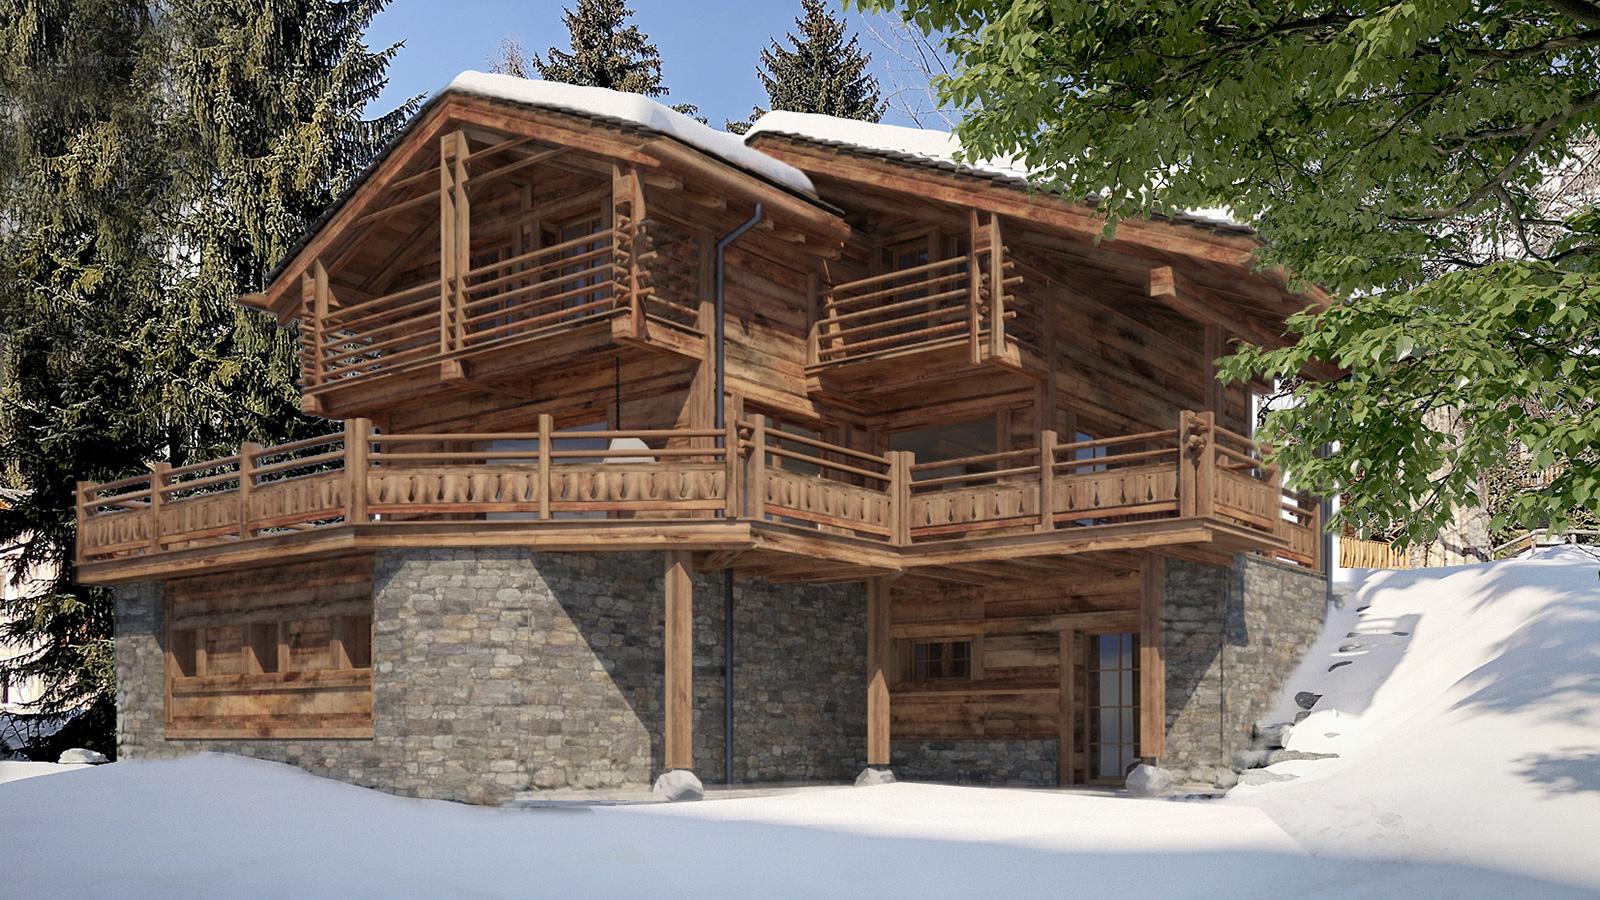 Chalet Le Feuillu Chalet, Switzerland